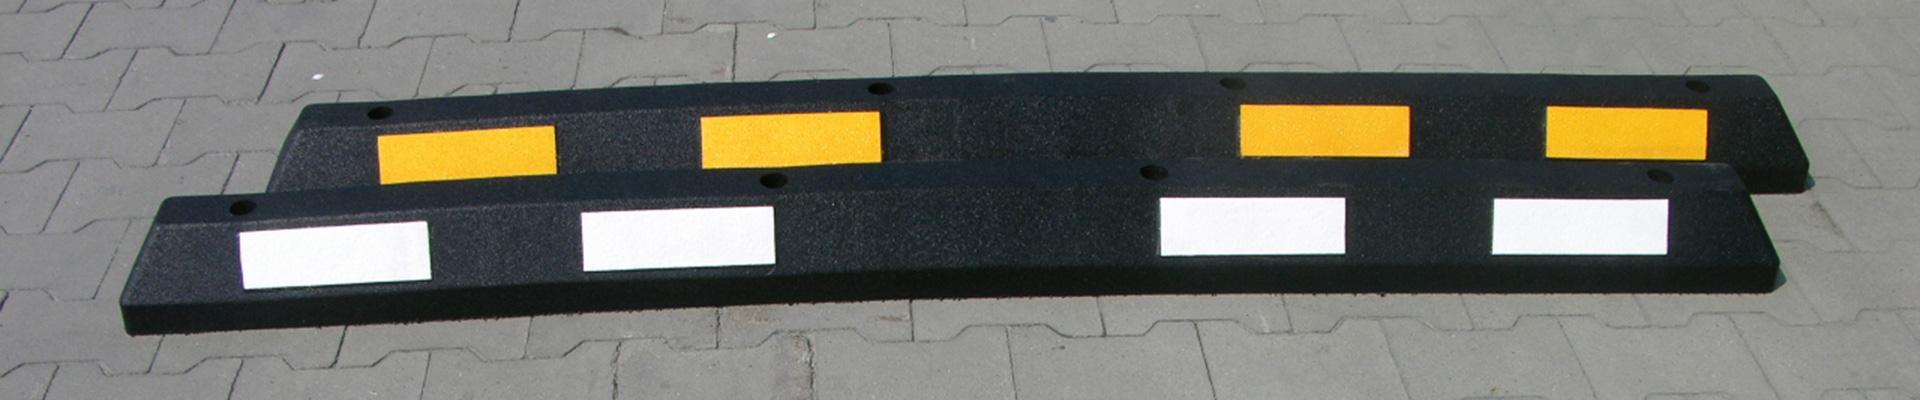 Ph Gummitechnik Parkplatz Abgrenzung